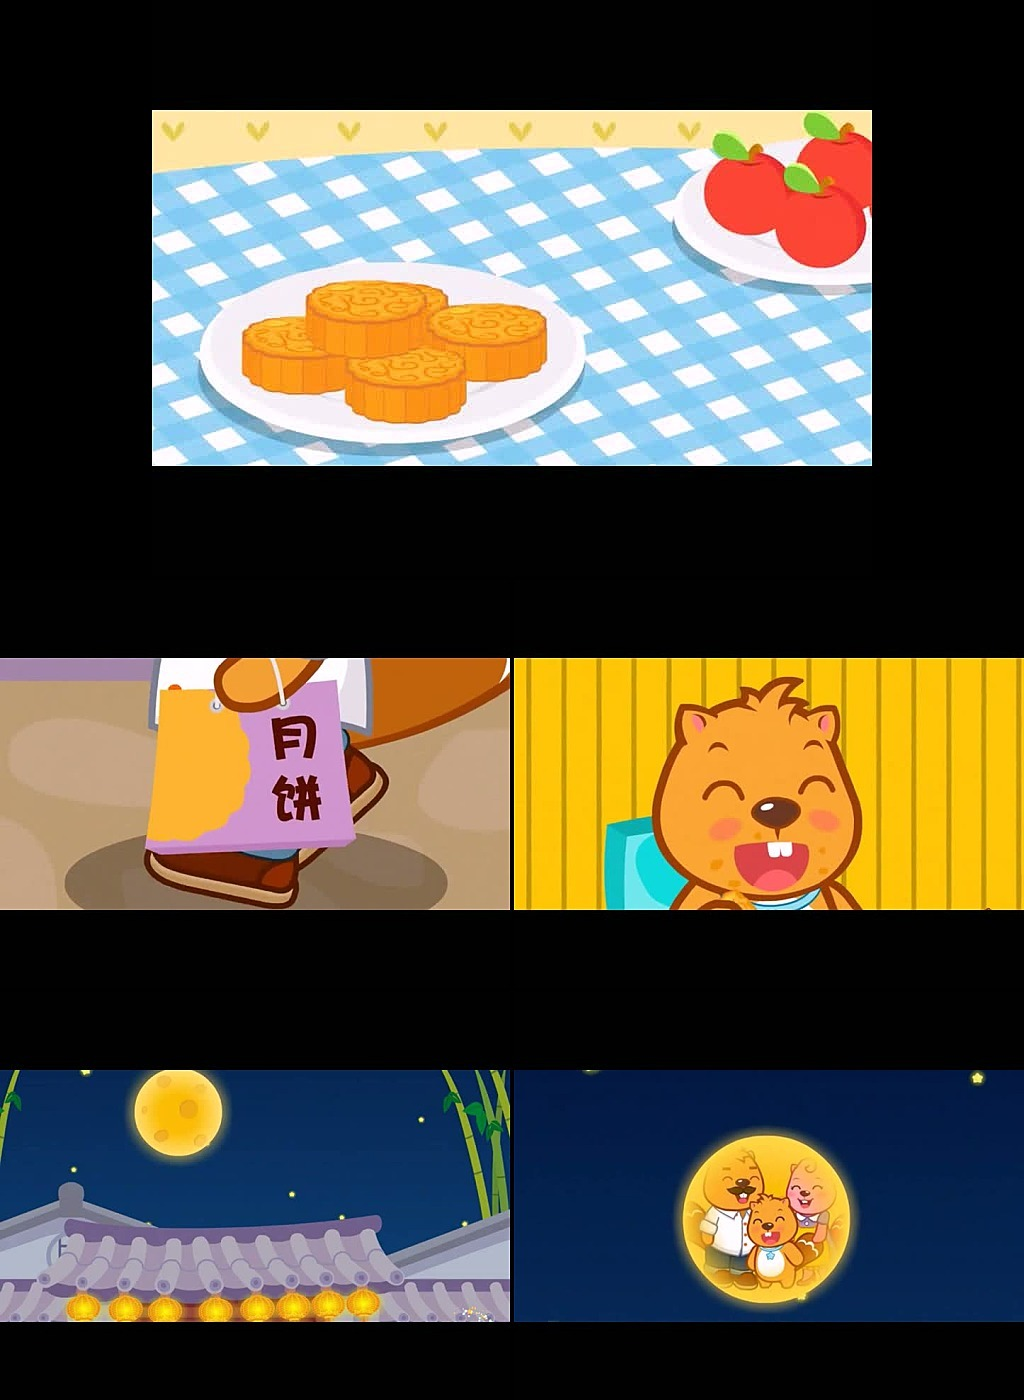 卡通儿歌中秋节视频素材模板下载 11770853 节日视频 AE模版